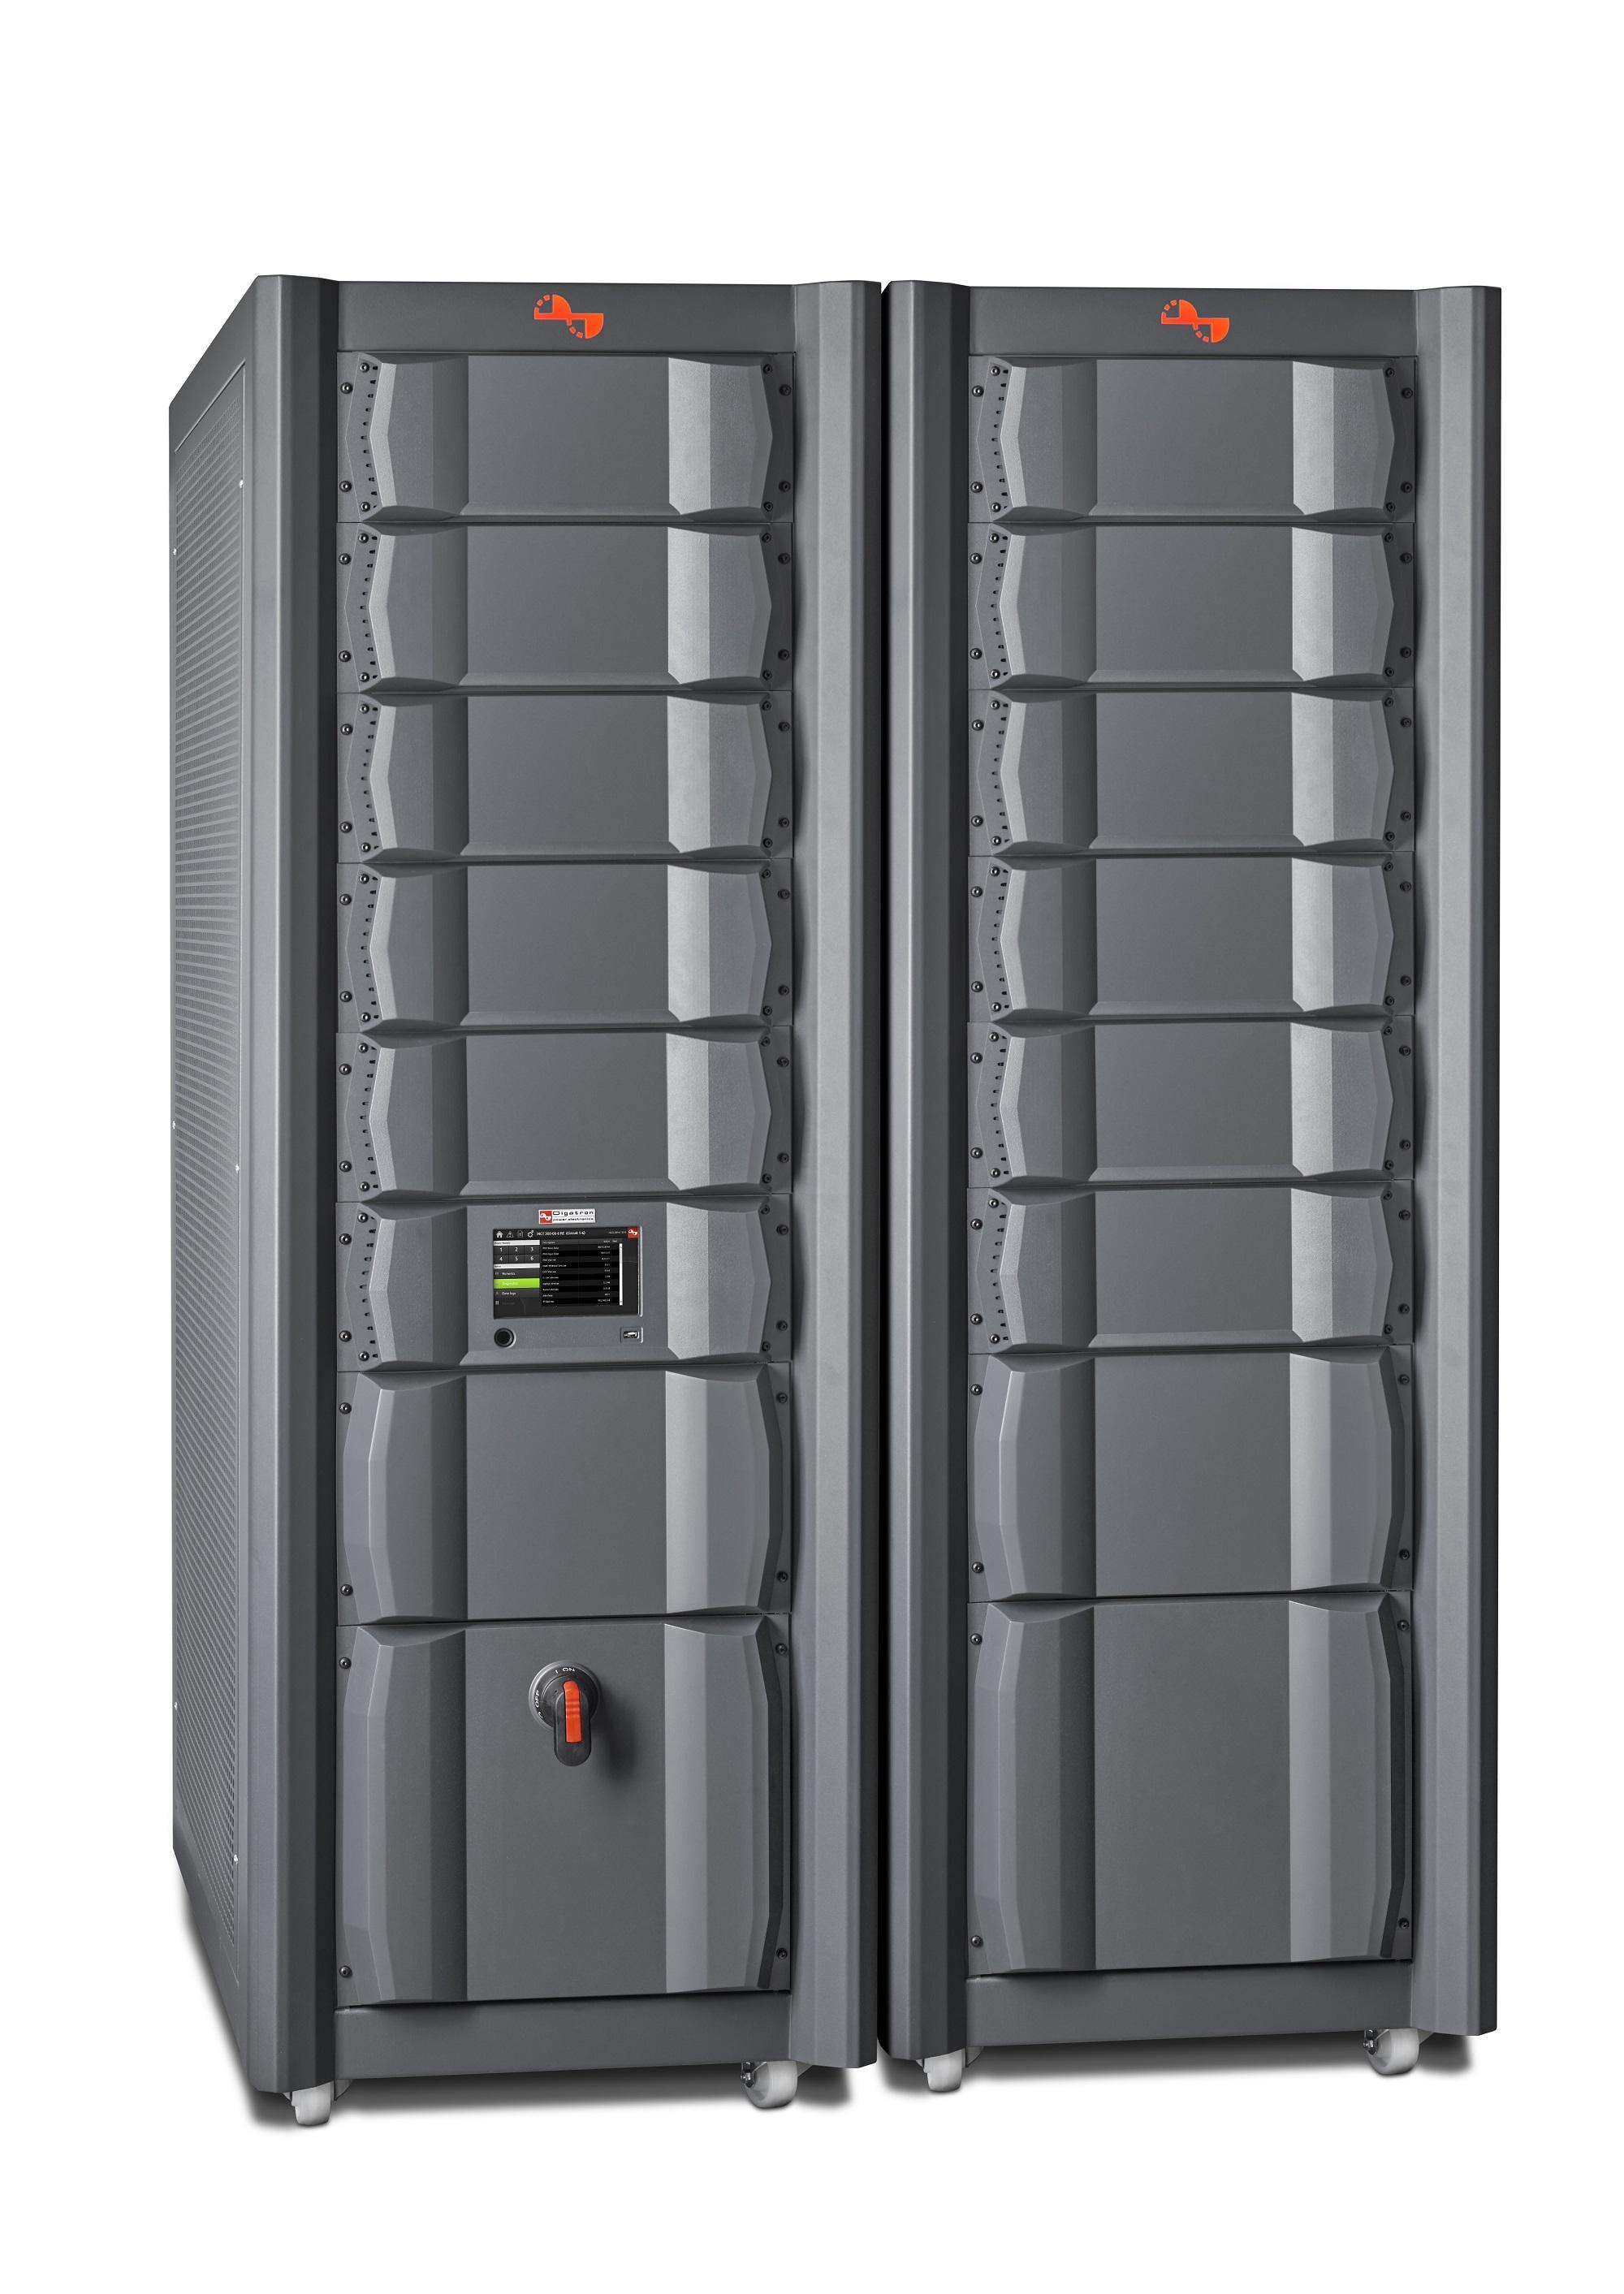 Digatron MCT-HD, energieeffizienter Batterieeinzelzellentester mit einzigartig hoher Packungsdichte, Doppelschrank